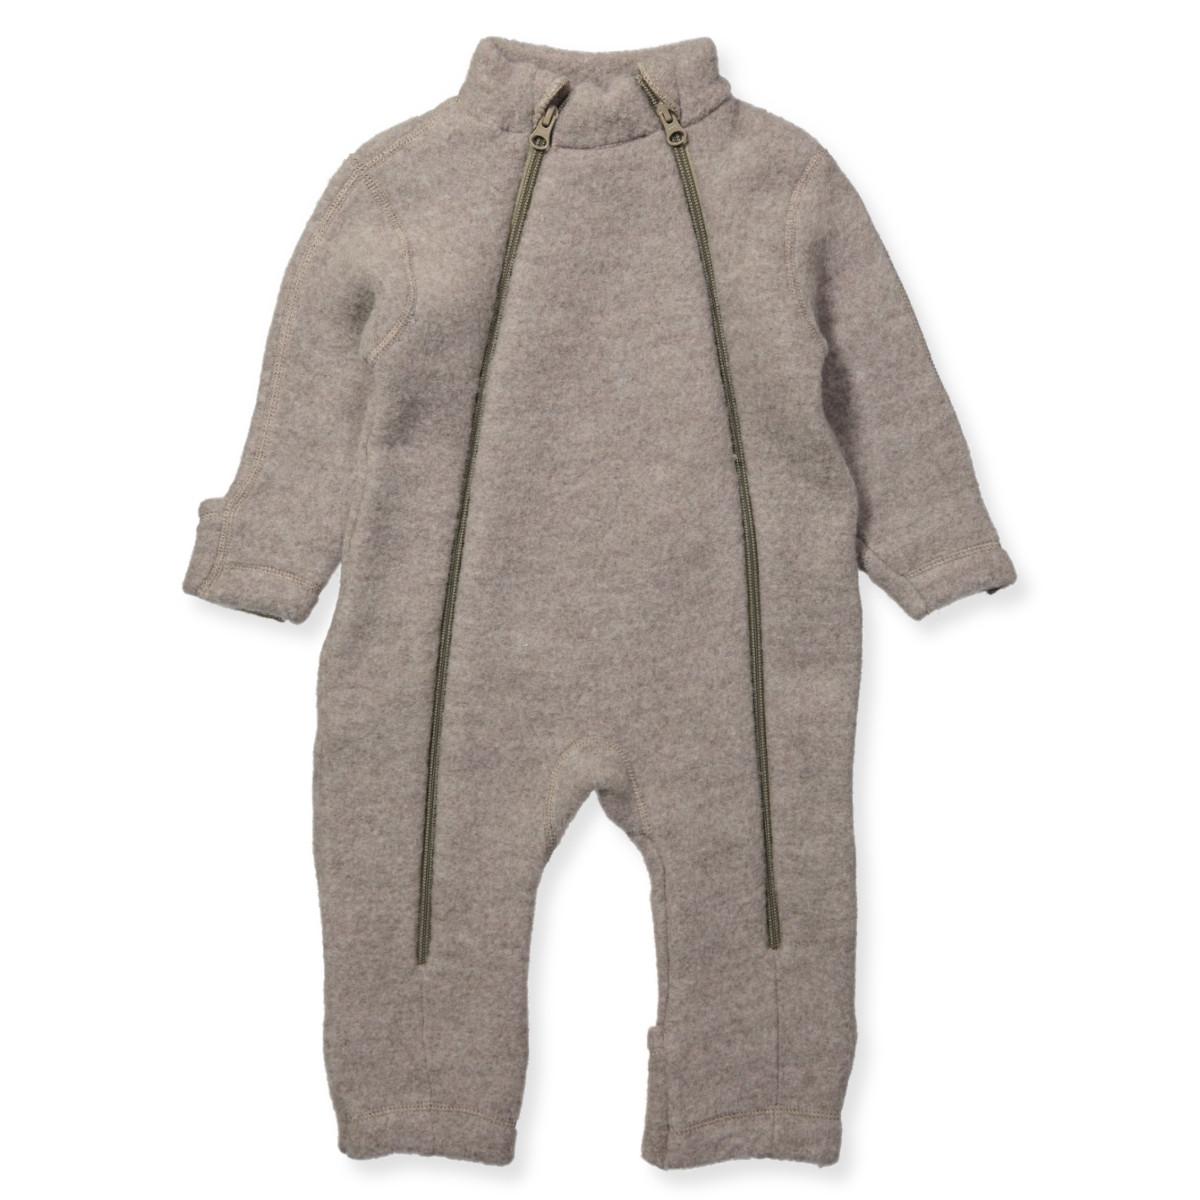 57bfe2b8596 Joha - Baby og Børnetøj - Lunt & blødt uld til de små - Houseofkids.dk